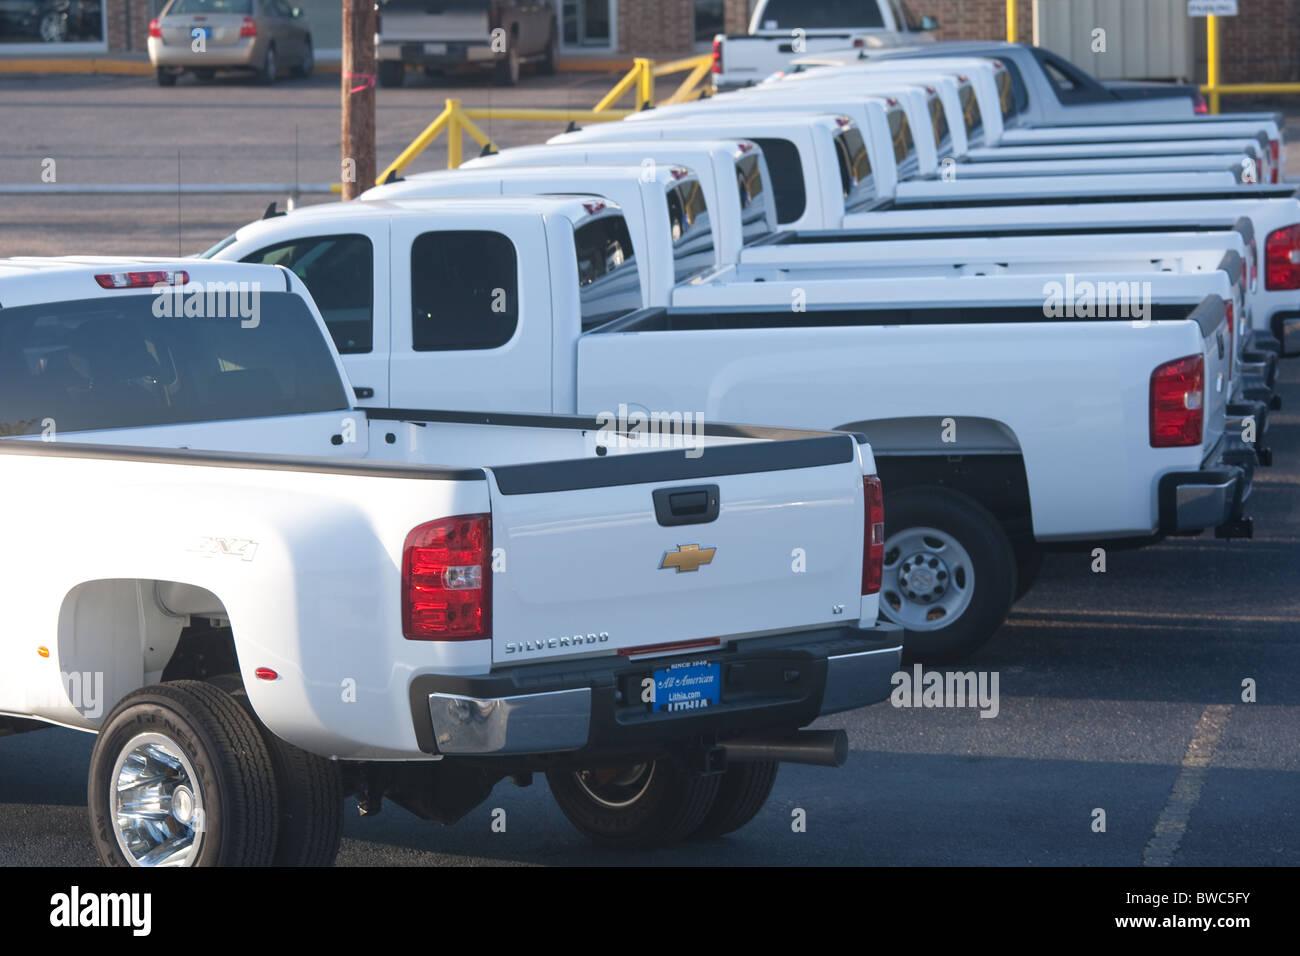 Superb Novo Livro Branco Picapes Sobre Chevrolet Lote Do Concessionário Em San  Angelo, Texas